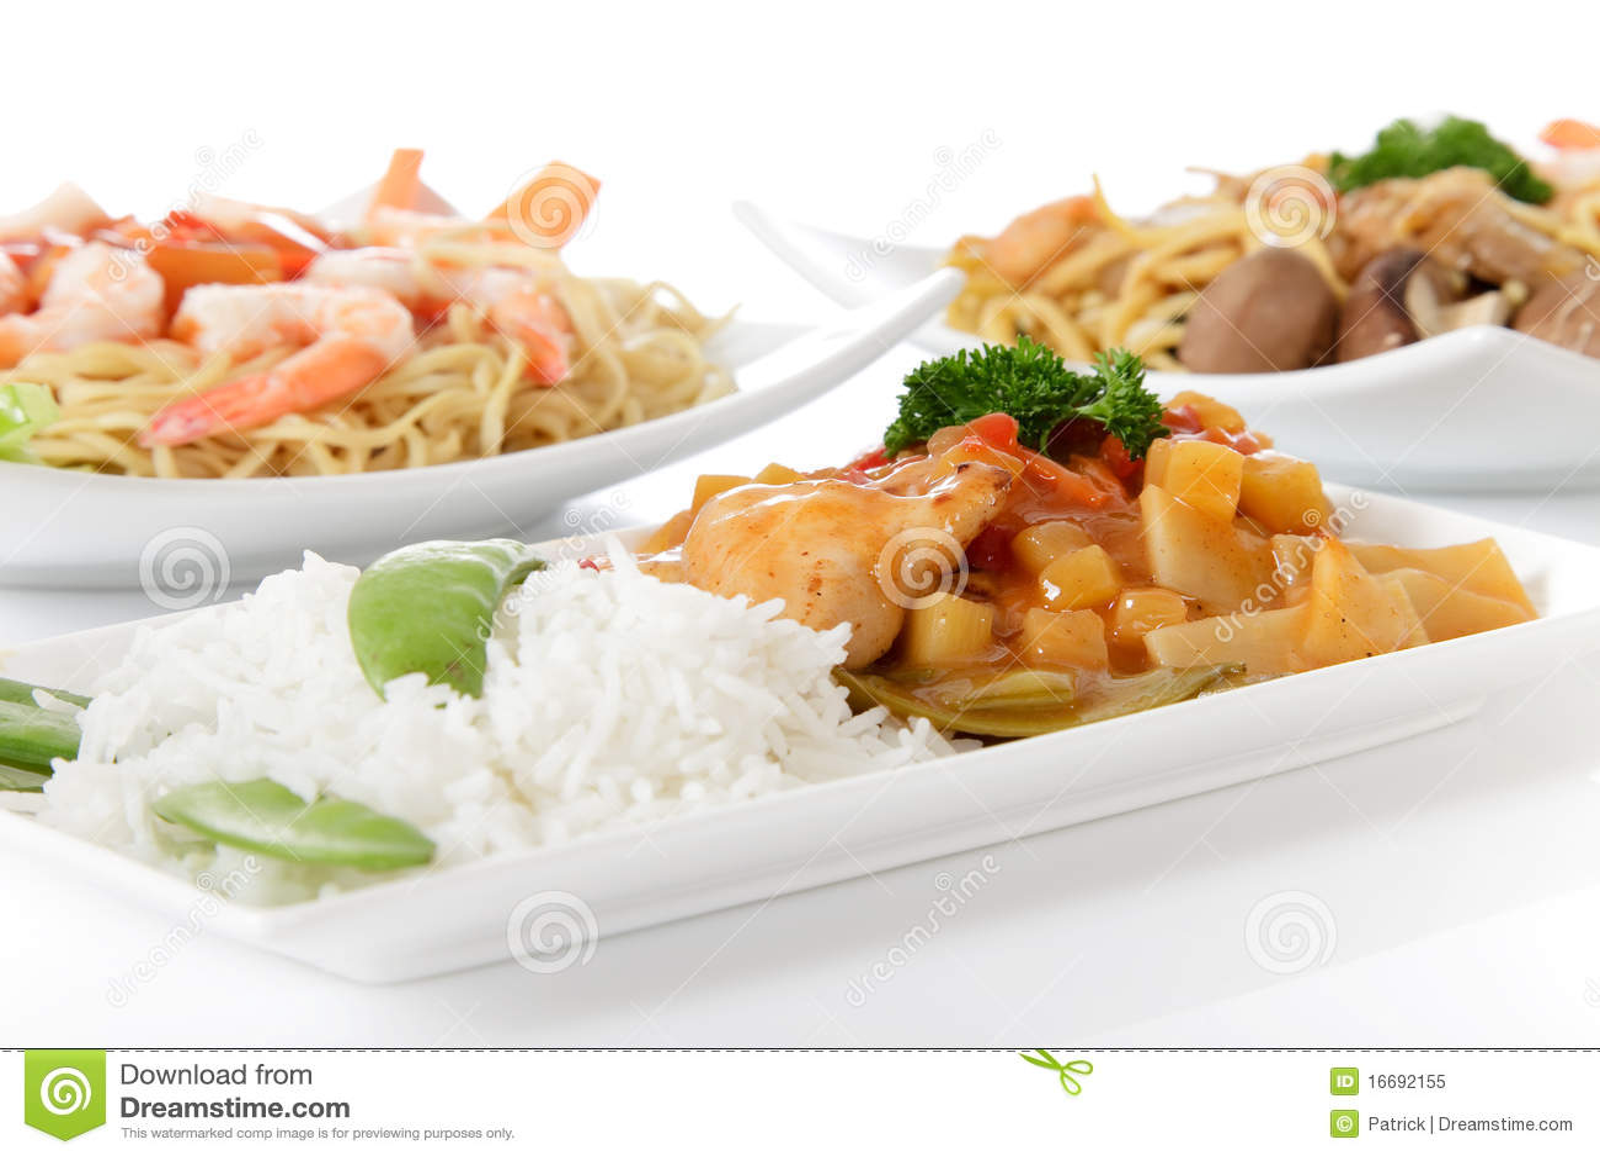 Placas con las comidas orientales foto de archivo libre de - Comodas orientales ...